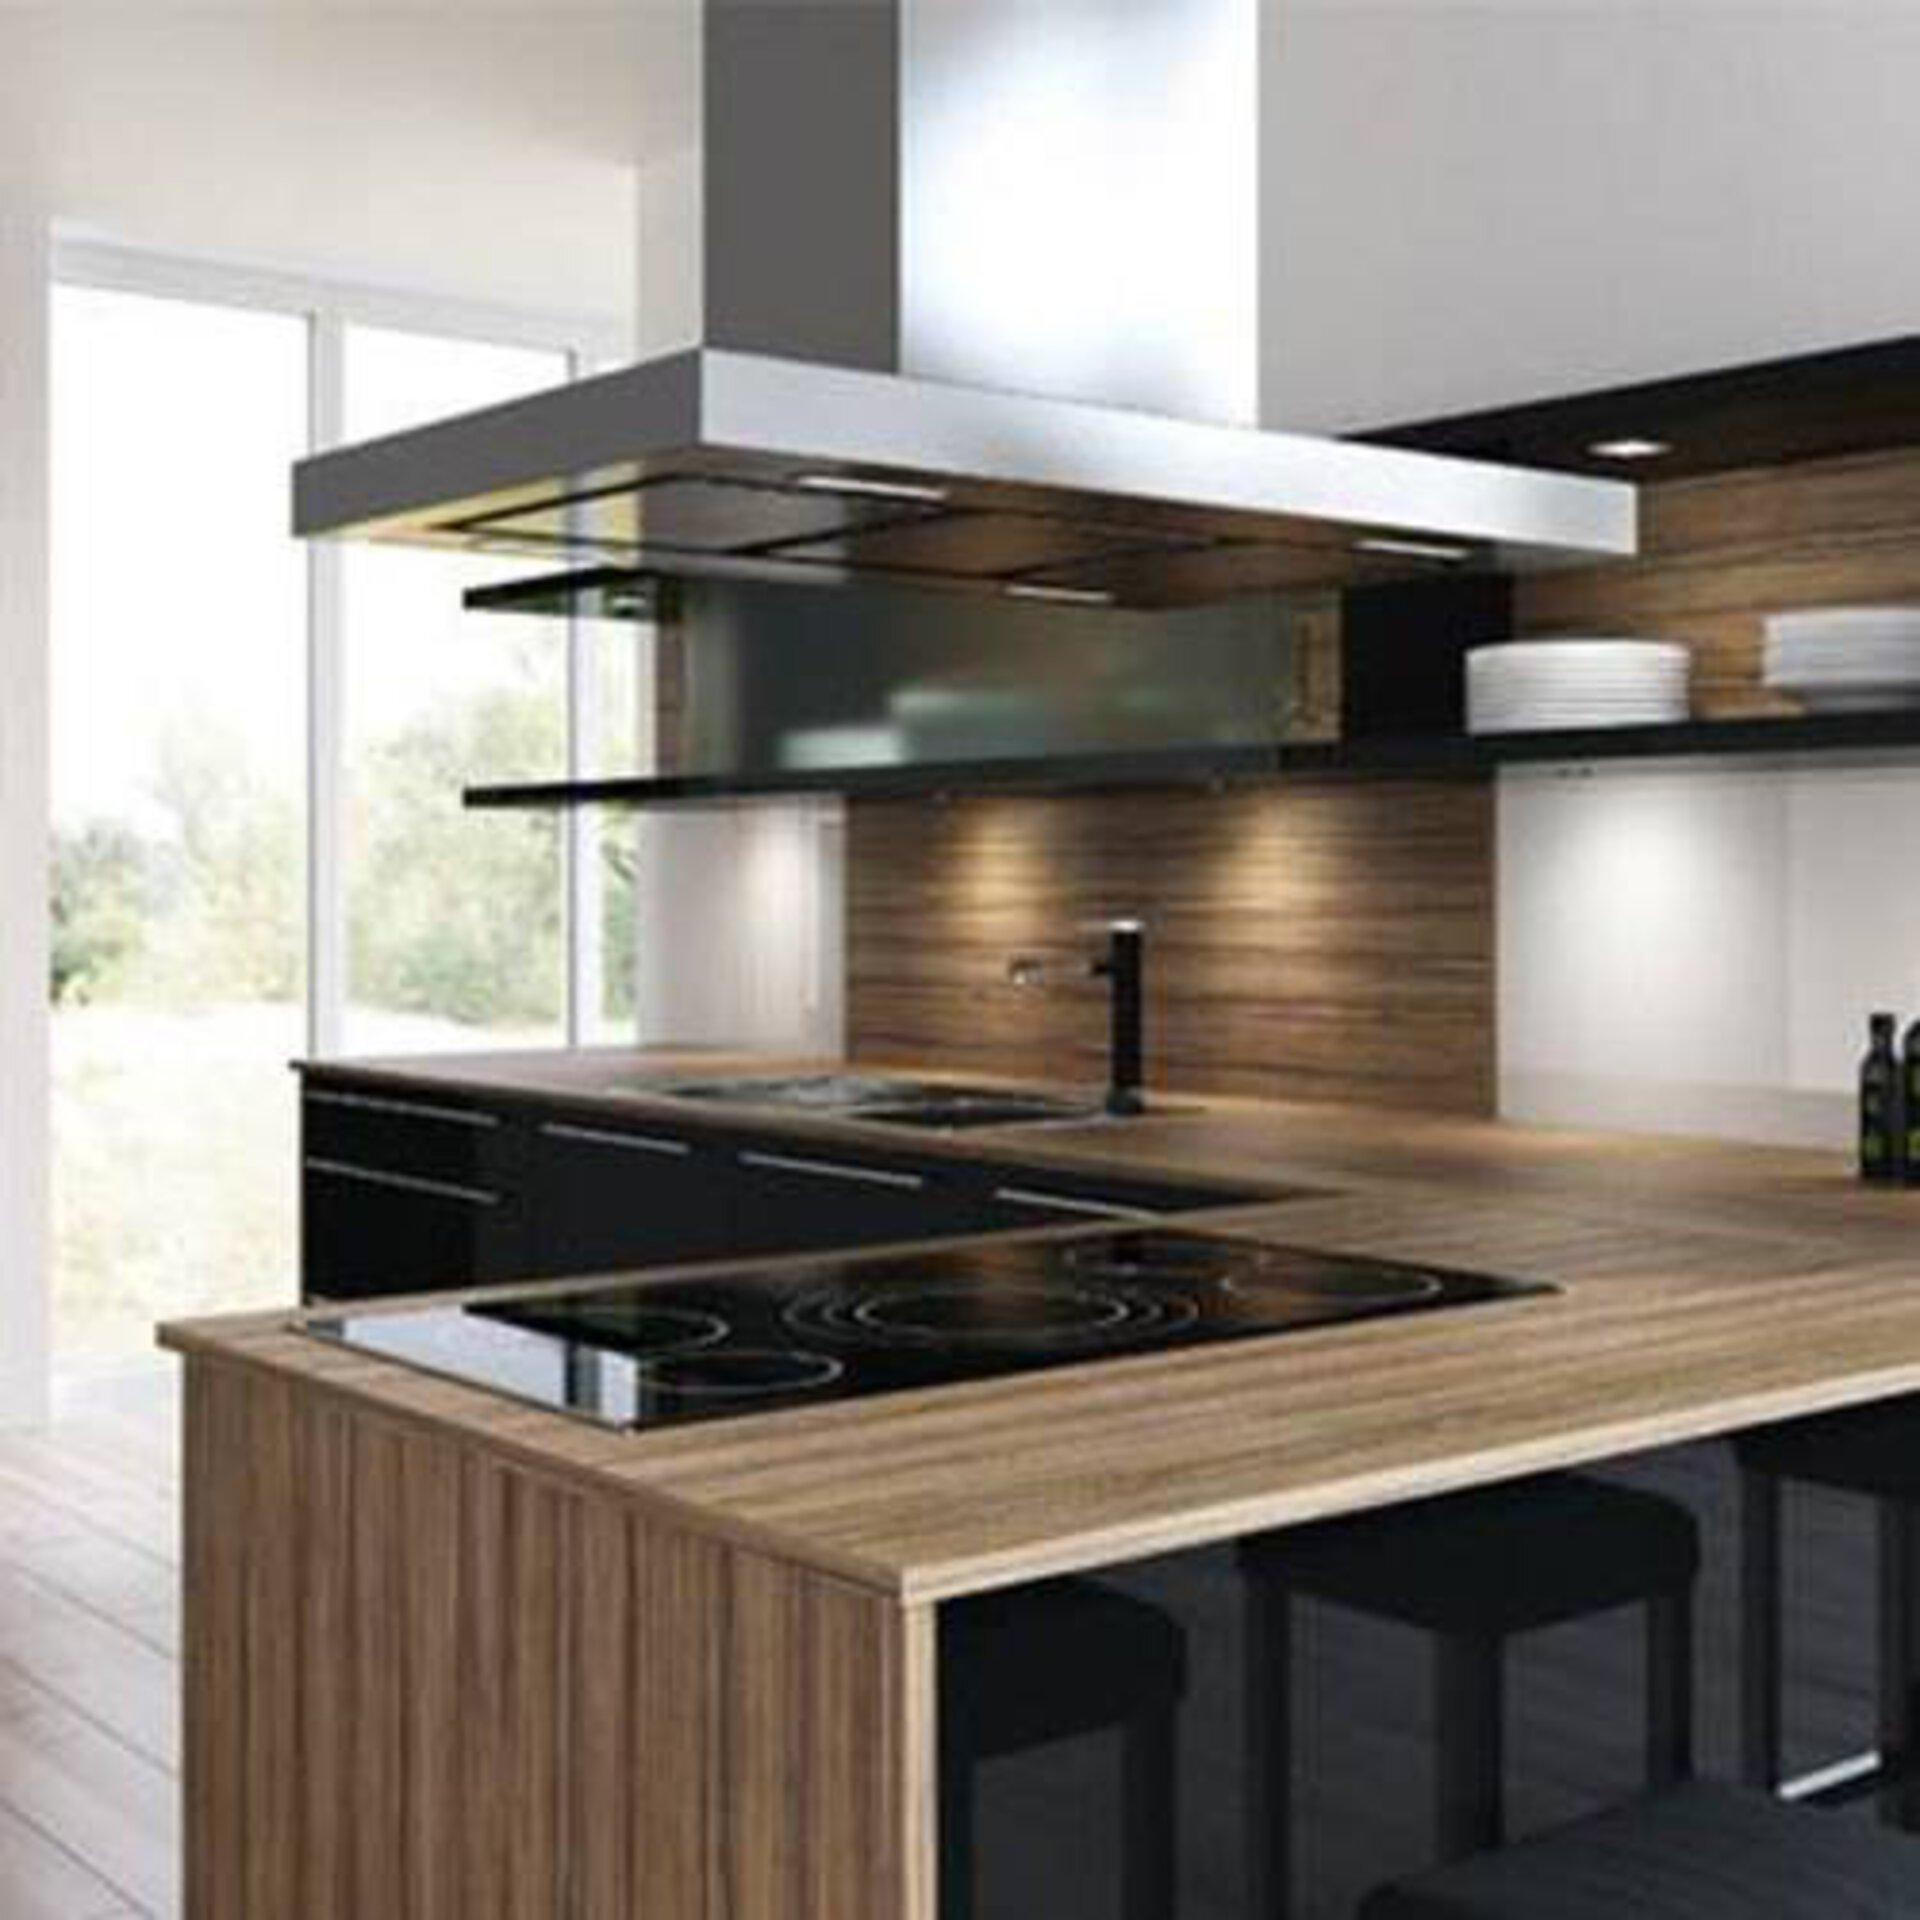 Milieubild zu Arbeitsplatten aus Laminat. Zu sehen ist eine L-förmige Küche. Die Laminatarbeitsplatte wirkt wie Massivholz.